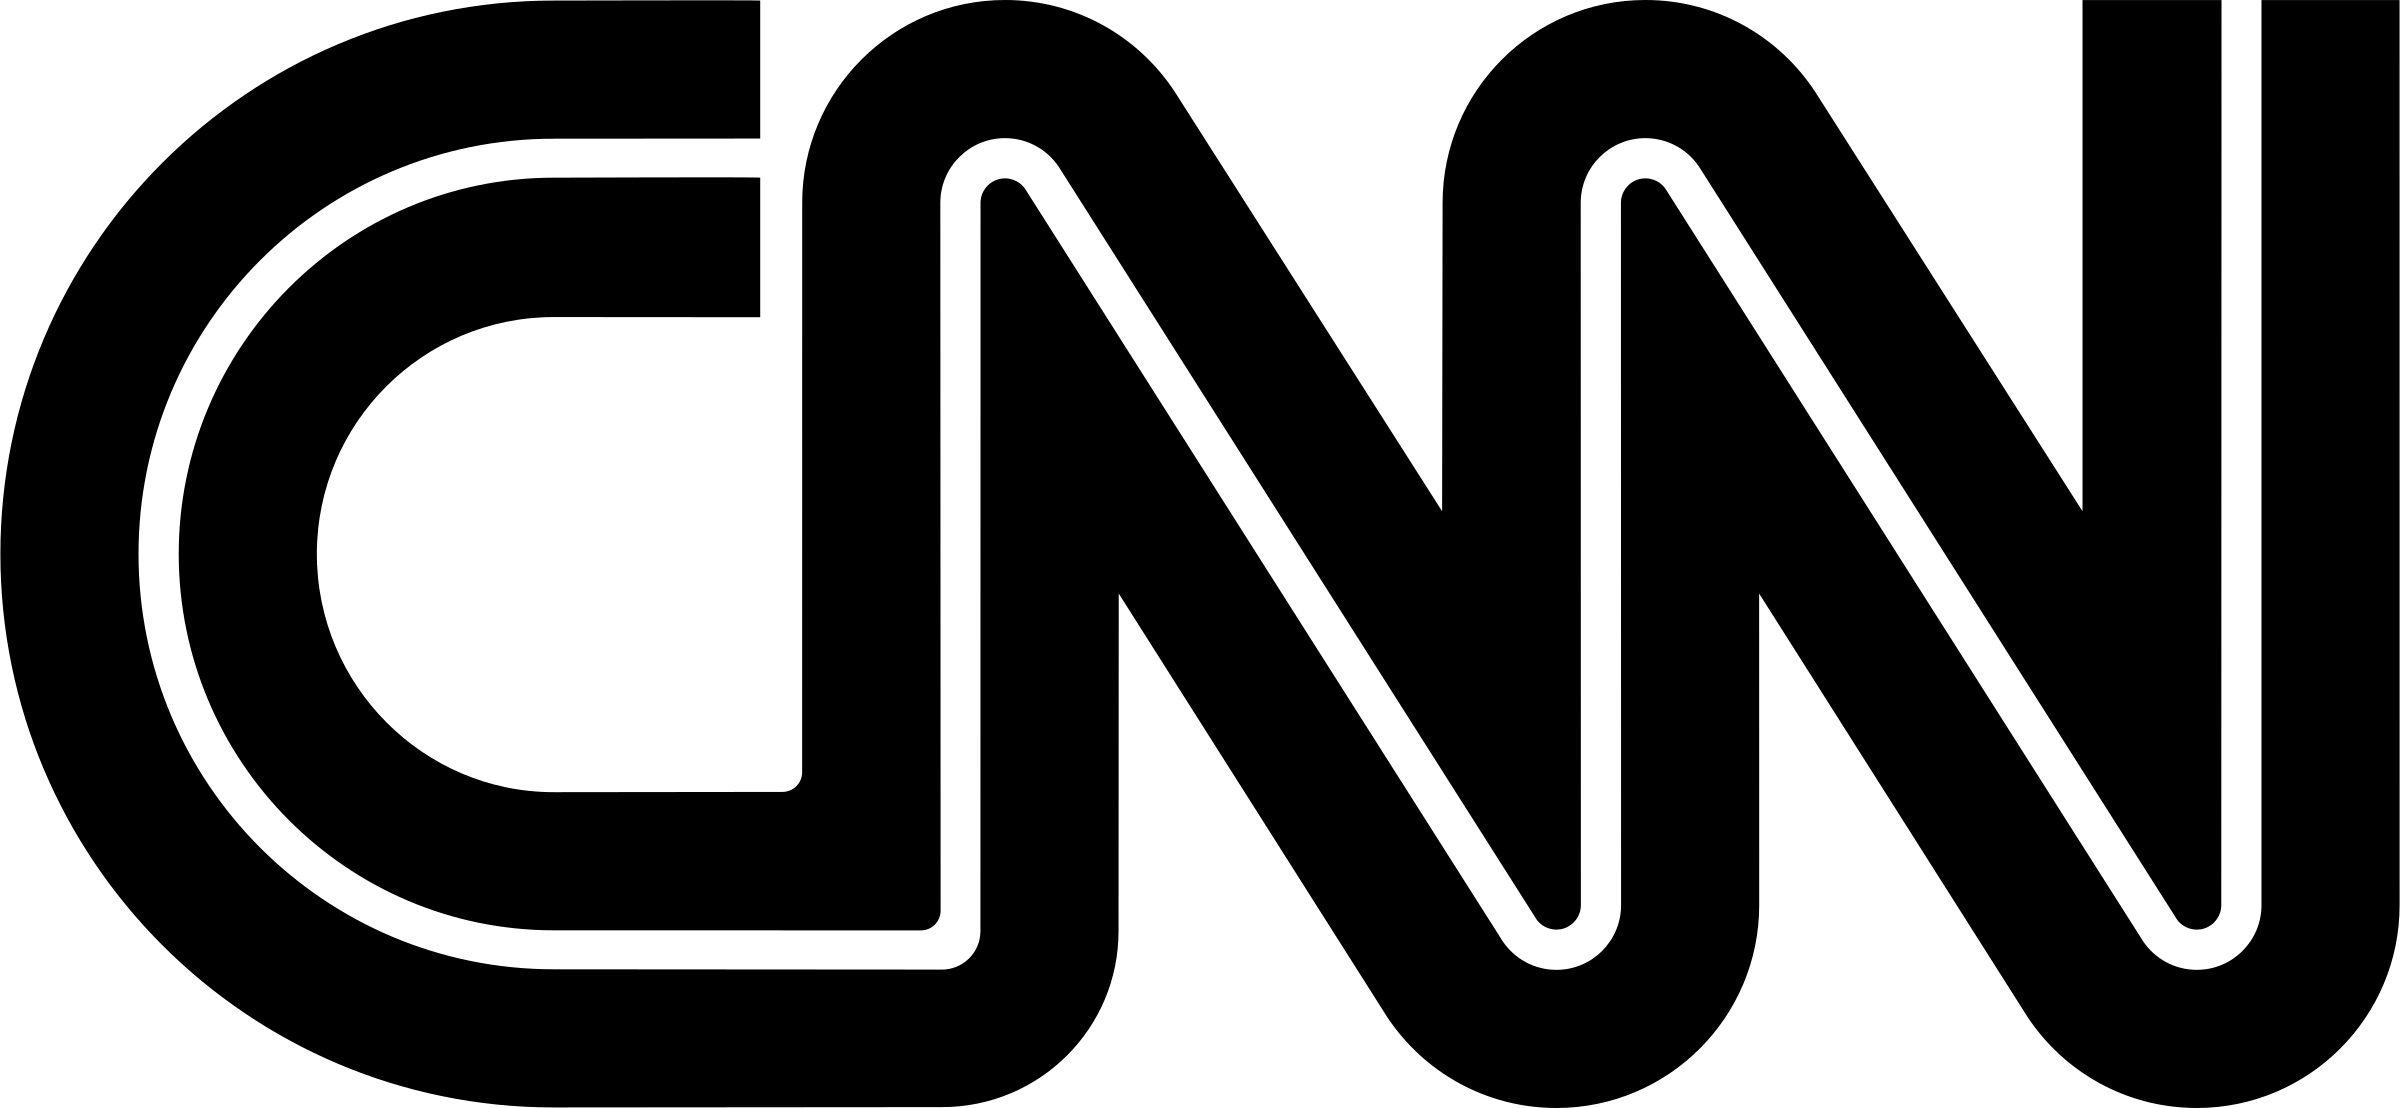 Cnn Logo Png Transparent & Svg Vector - Pluspng Pluspng.com - Cnn Logo PNG